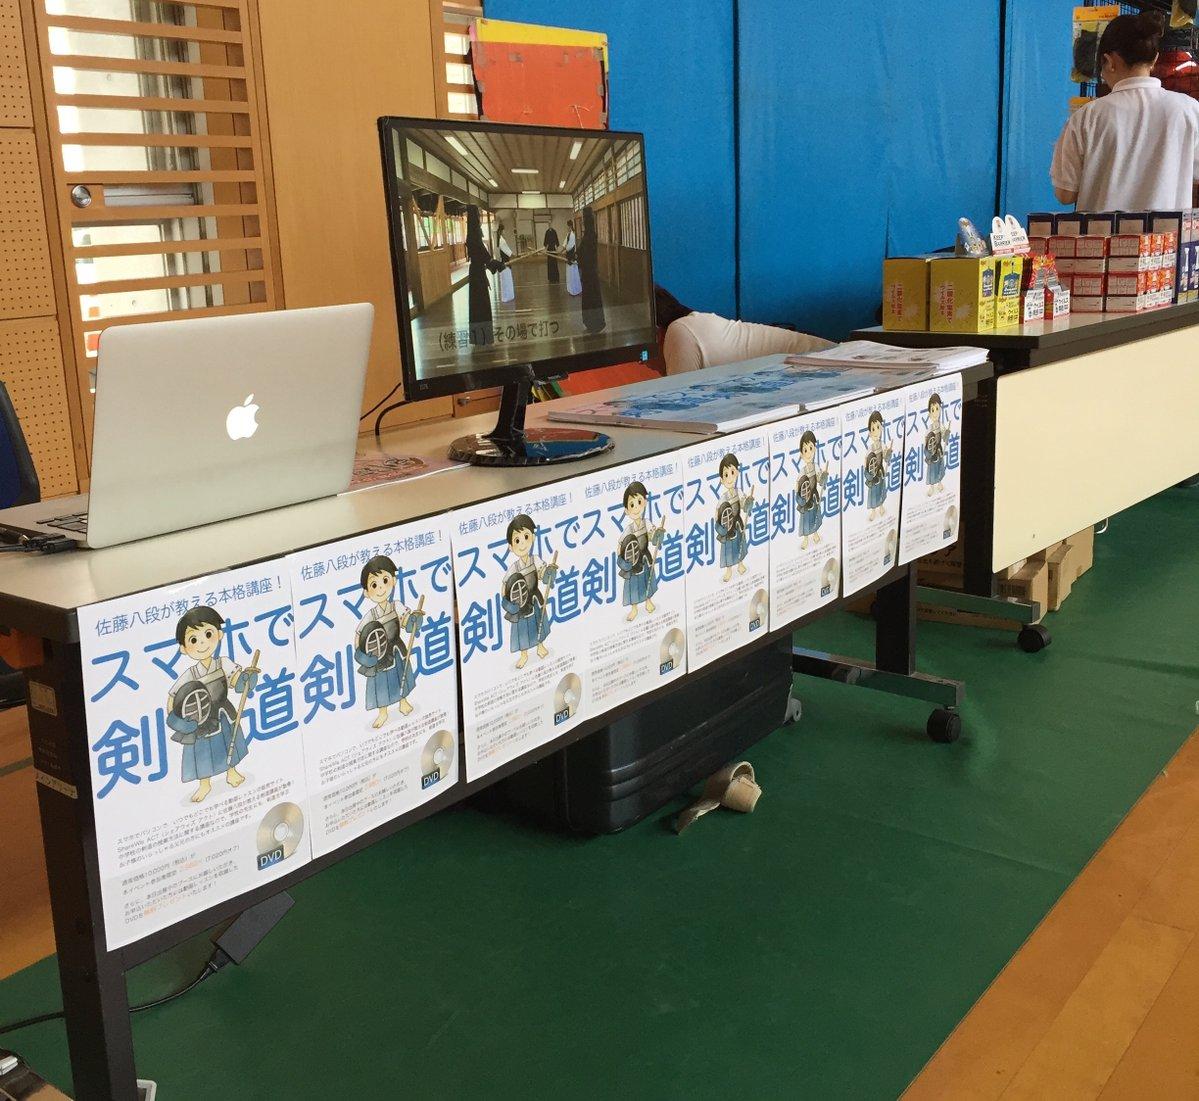 第四回少年少女剣道祭に出展している株式会社シェアウィズのブースの写真